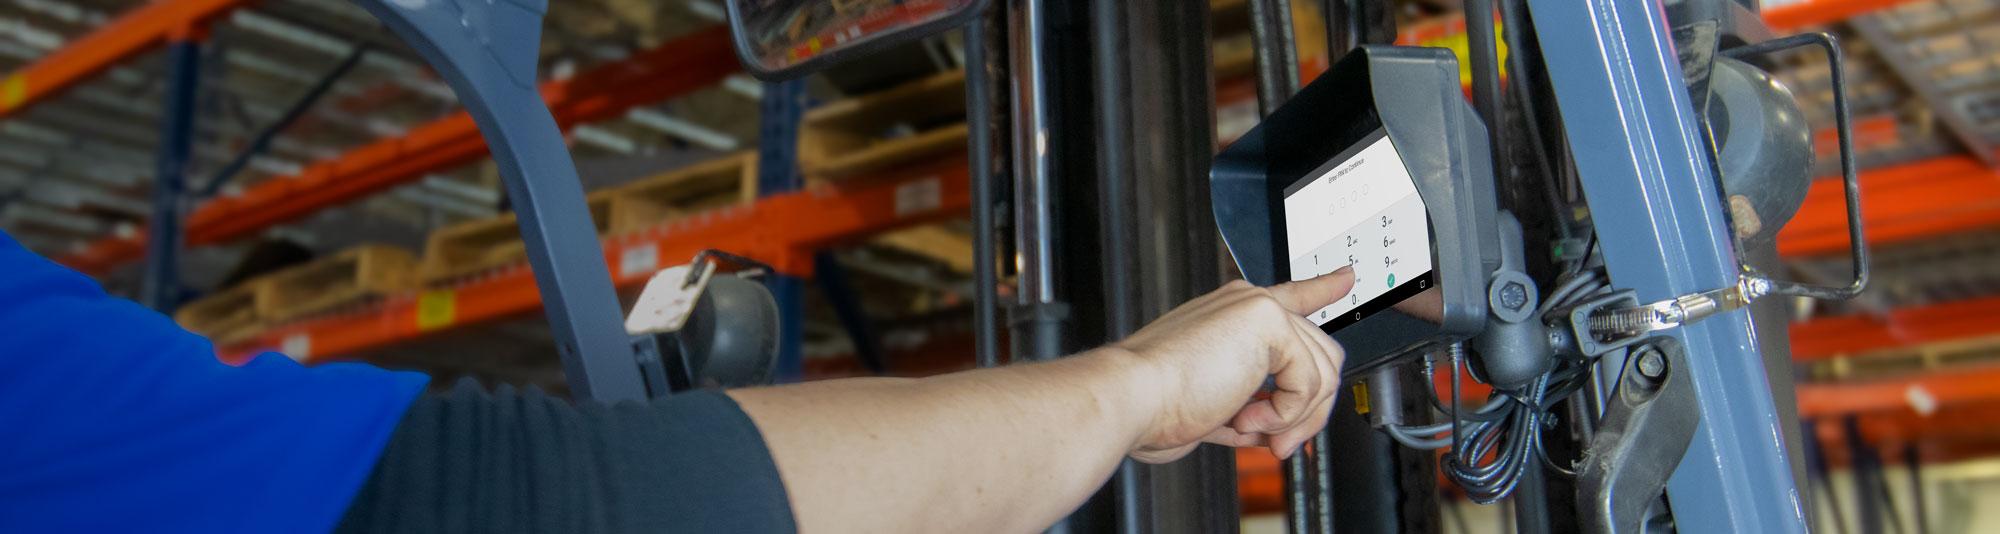 Forklift information system